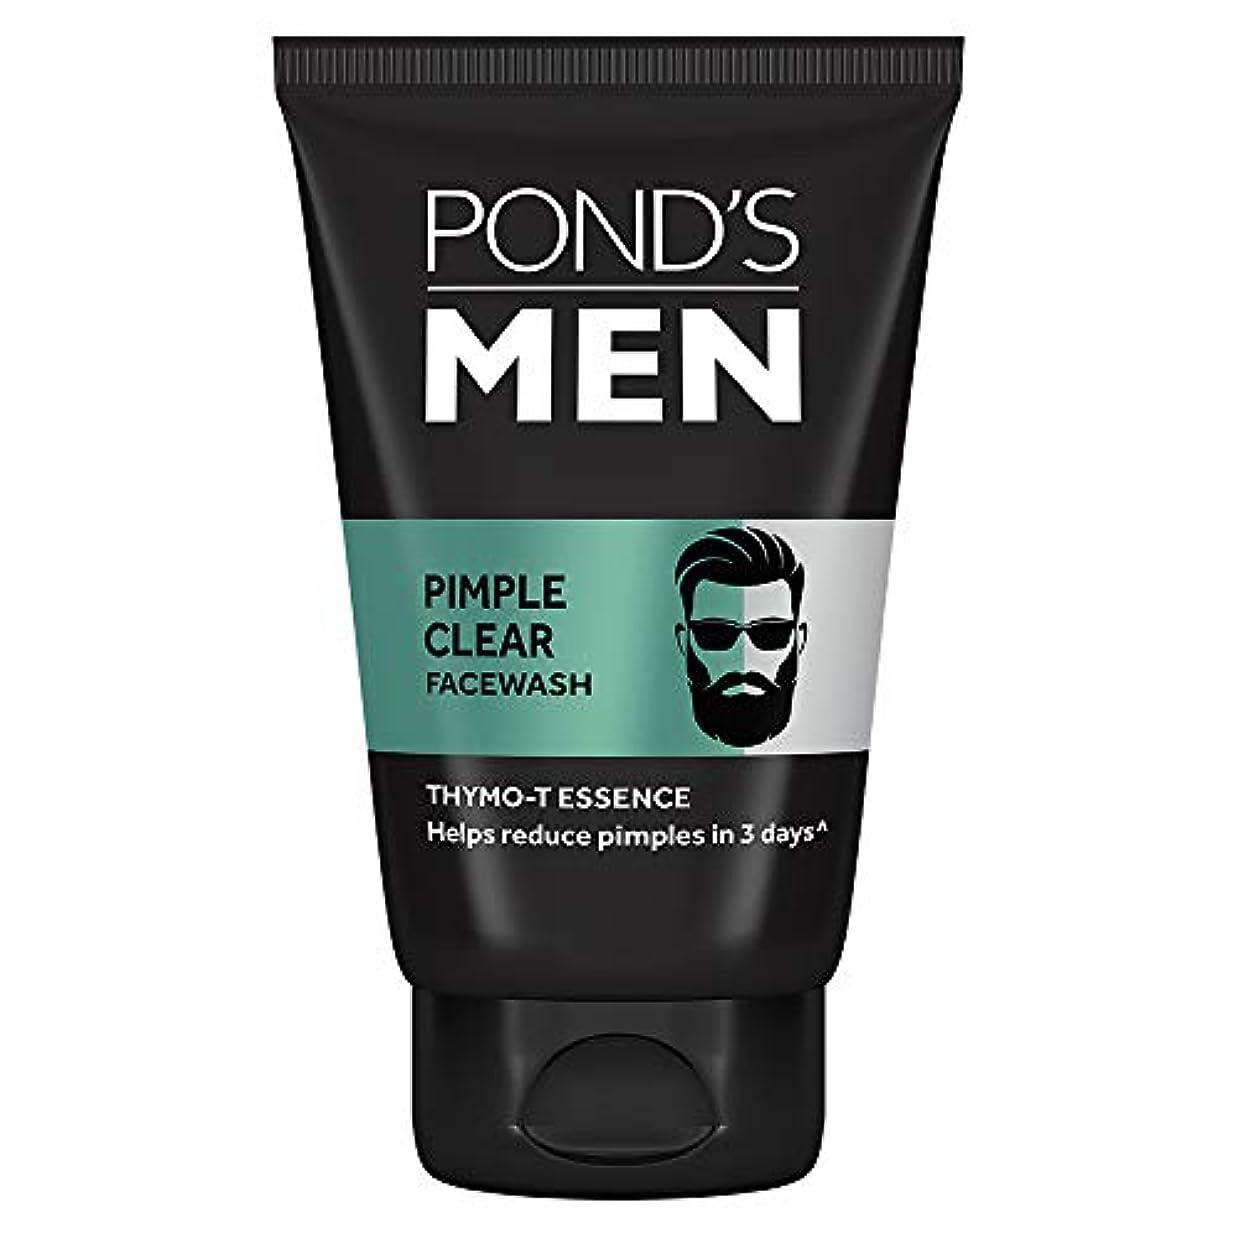 お手伝いさん晩ごはんいっぱいPond's Men Acno Clear Oil Control Face Wash, 100g